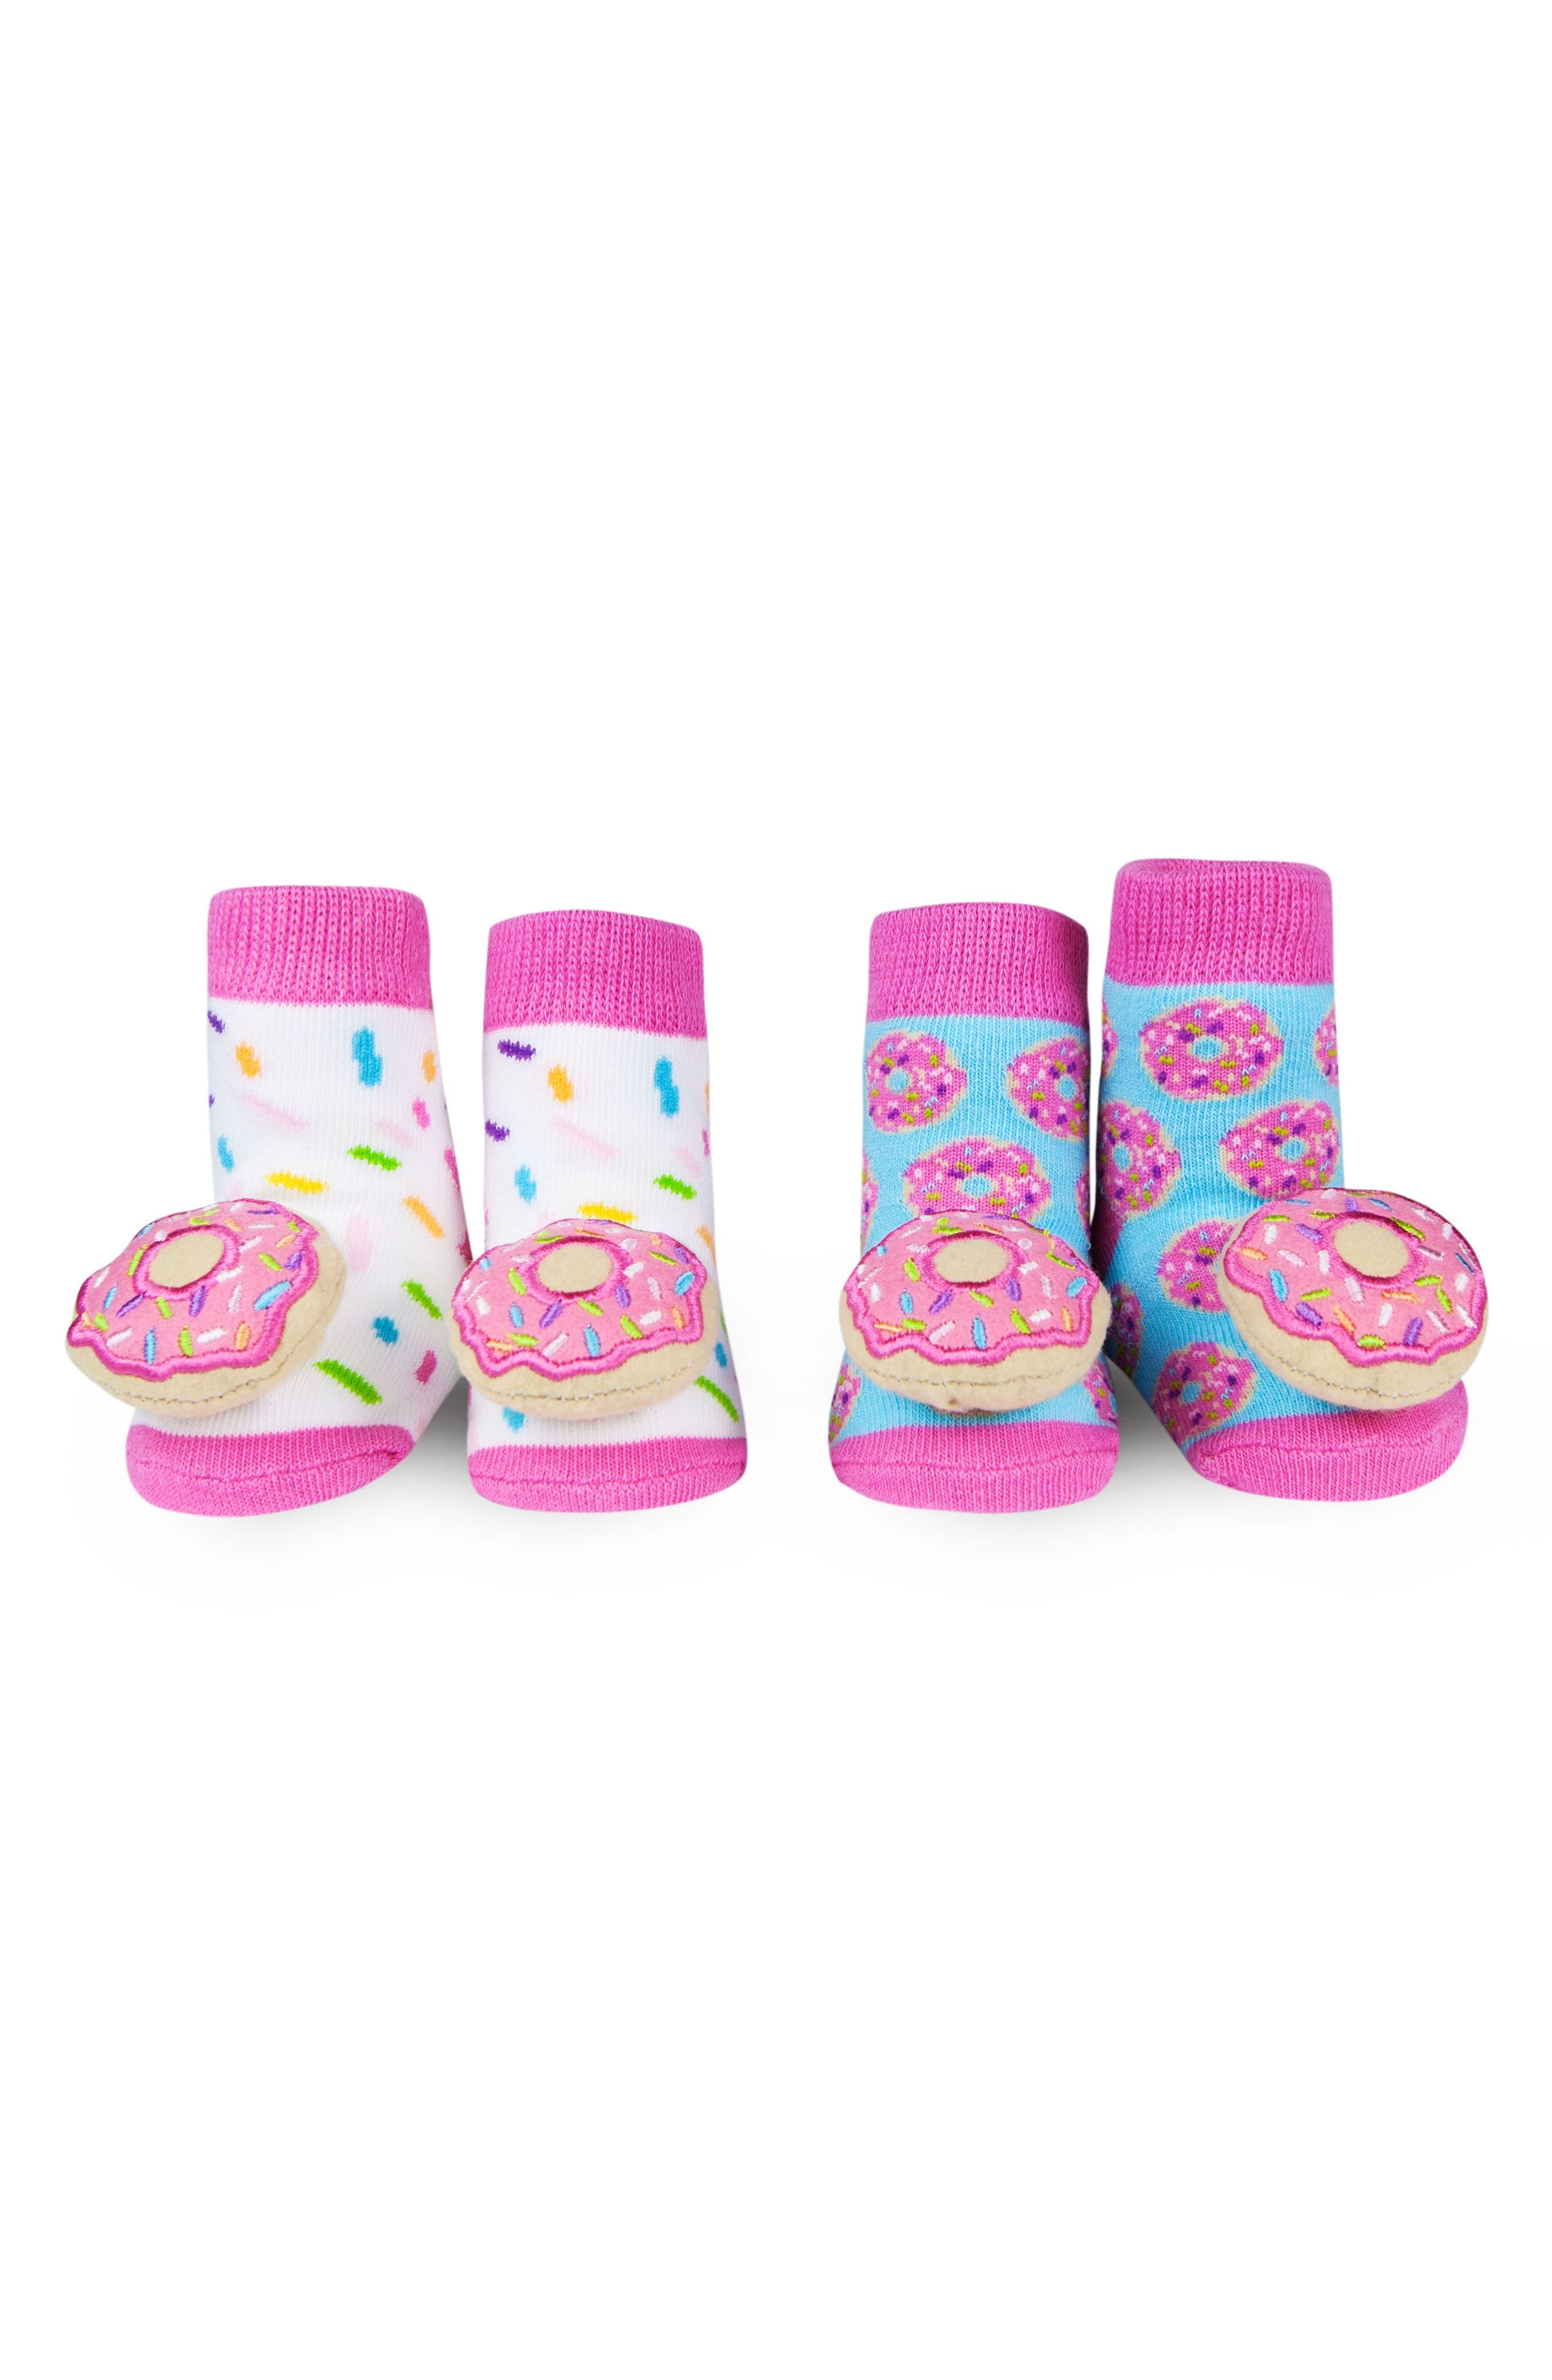 2-Pack Donut Rattle Socks,                         Main,                         color, Pink/ Light Blue